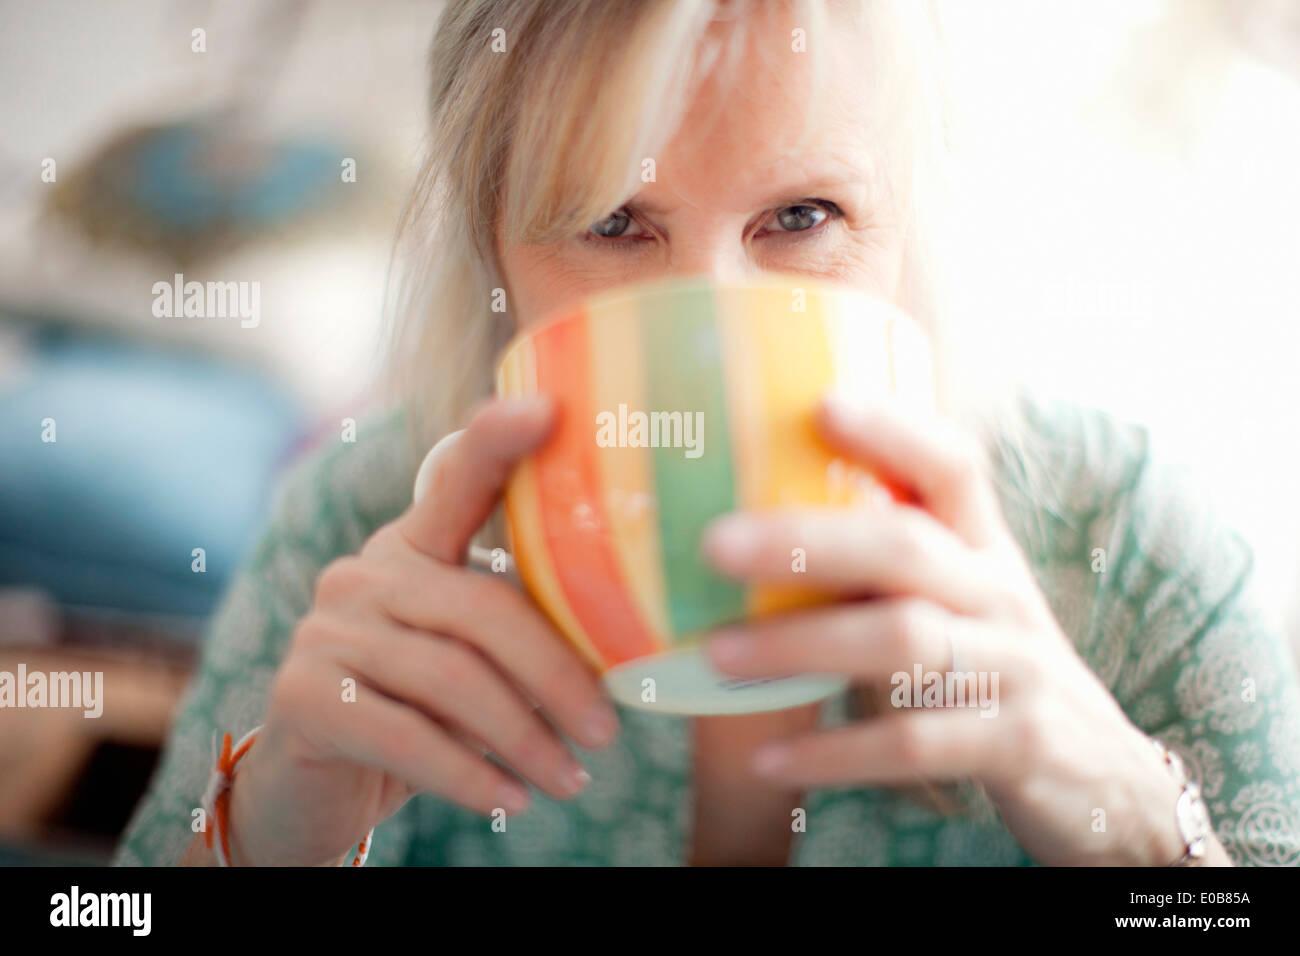 Cerca de mujer madura, bebiendo café Imagen De Stock